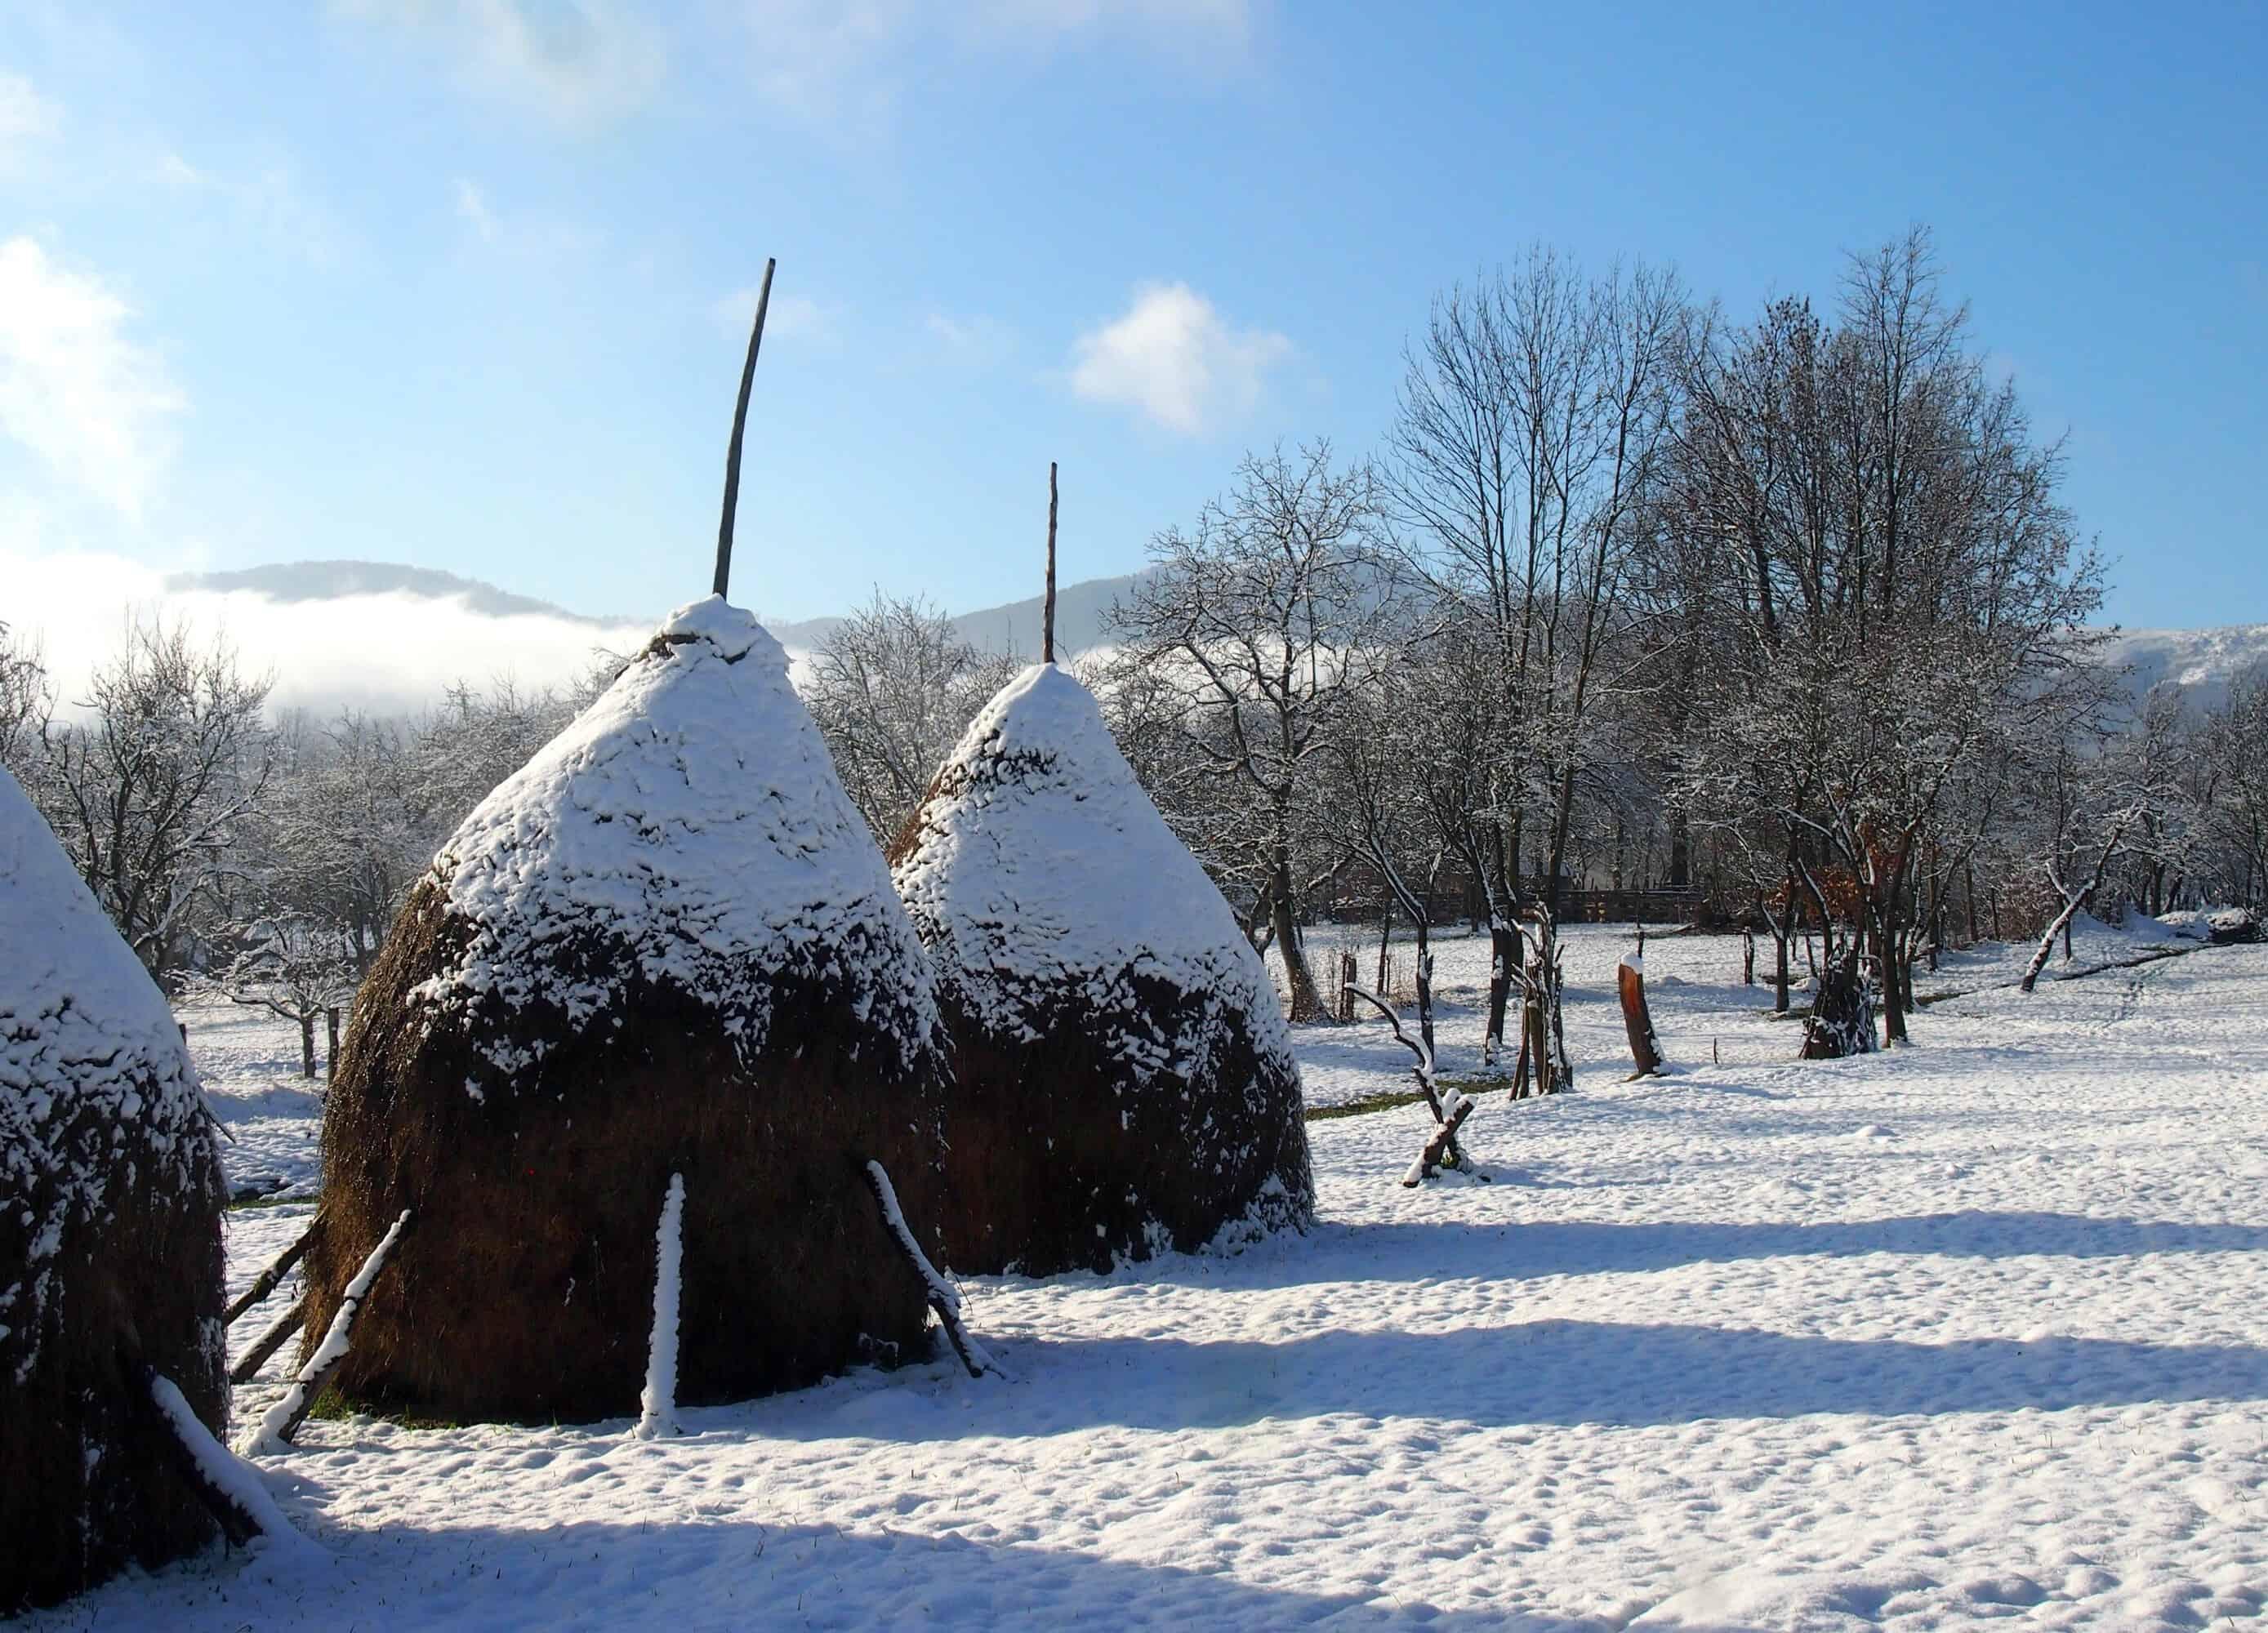 Snow in Romania